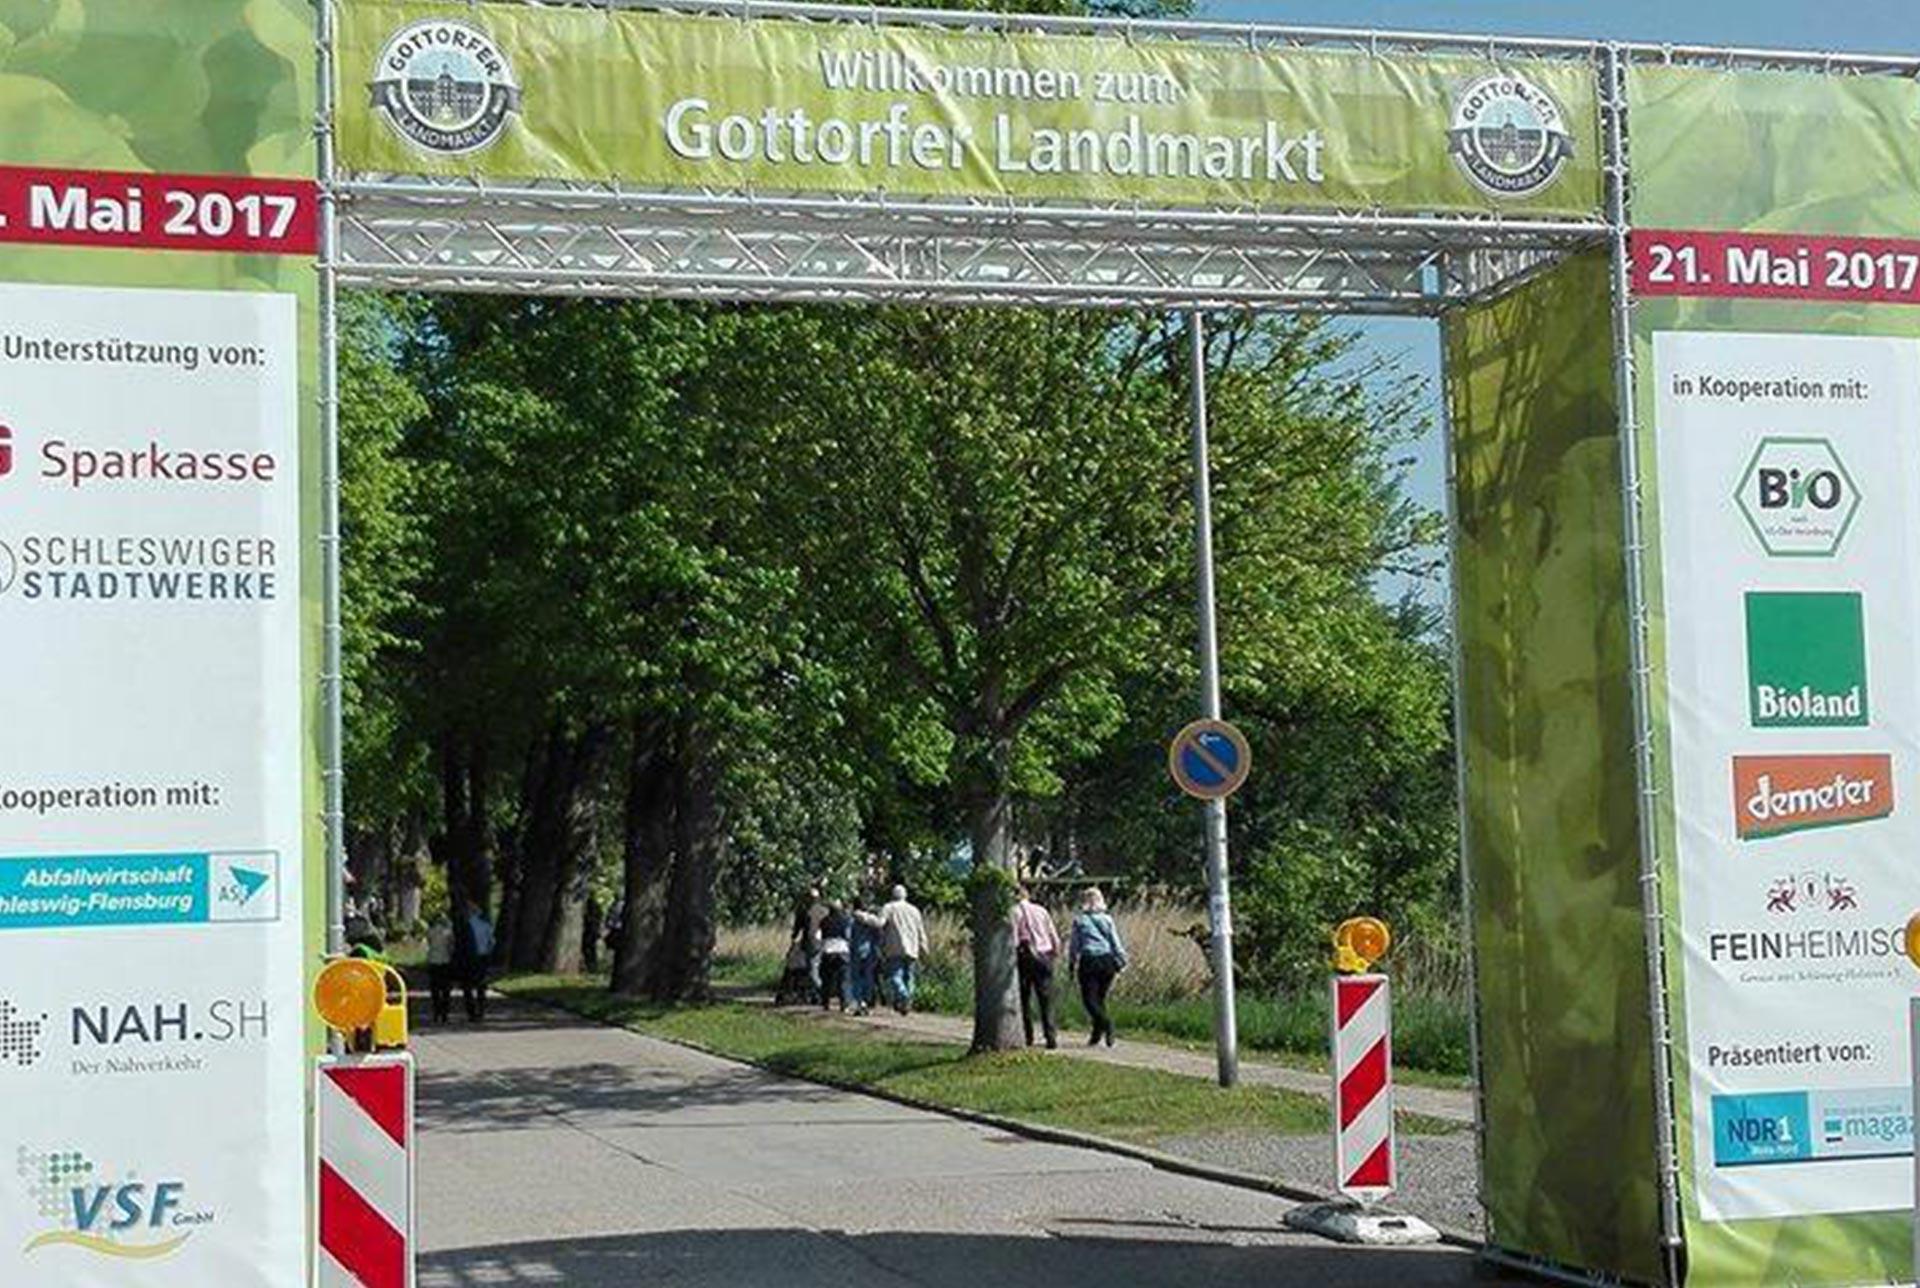 Gottorfer Landmarkt 2021